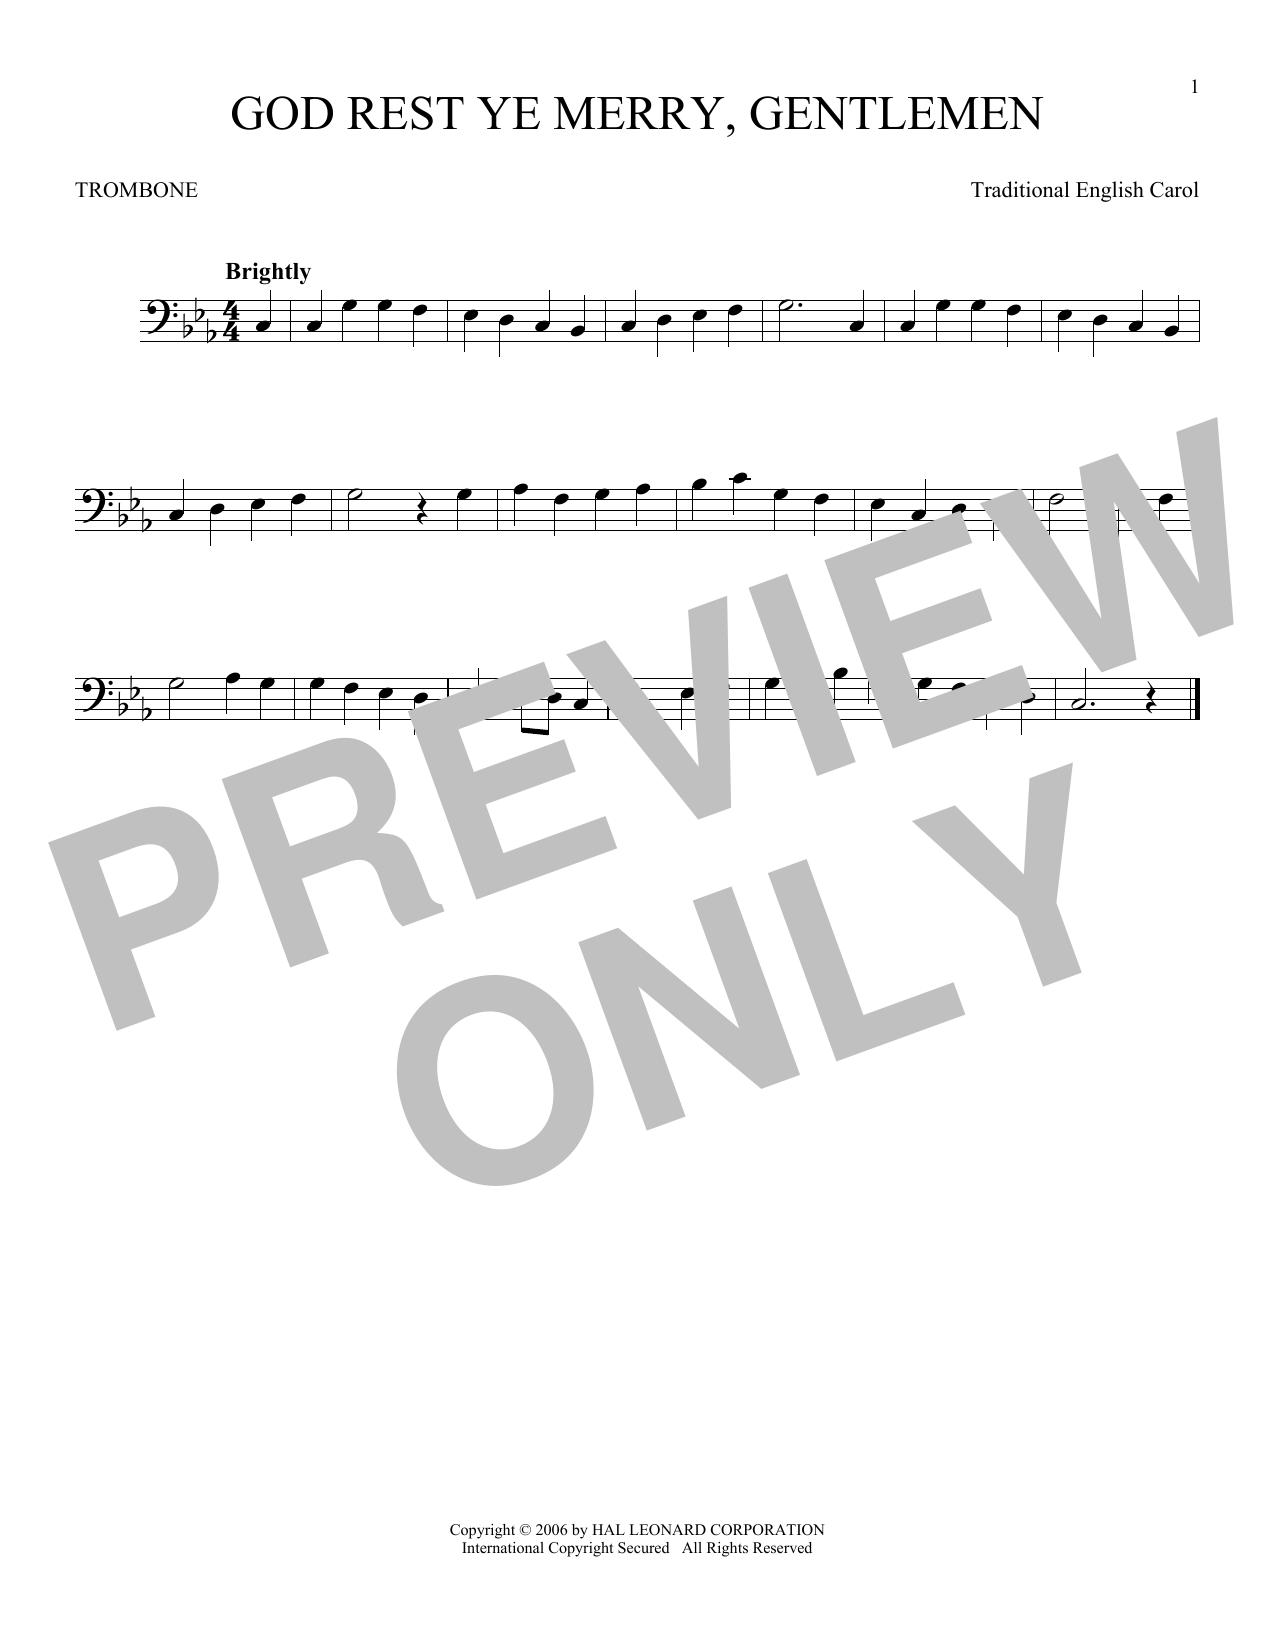 God Rest Ye Merry, Gentlemen (Trombone Solo)